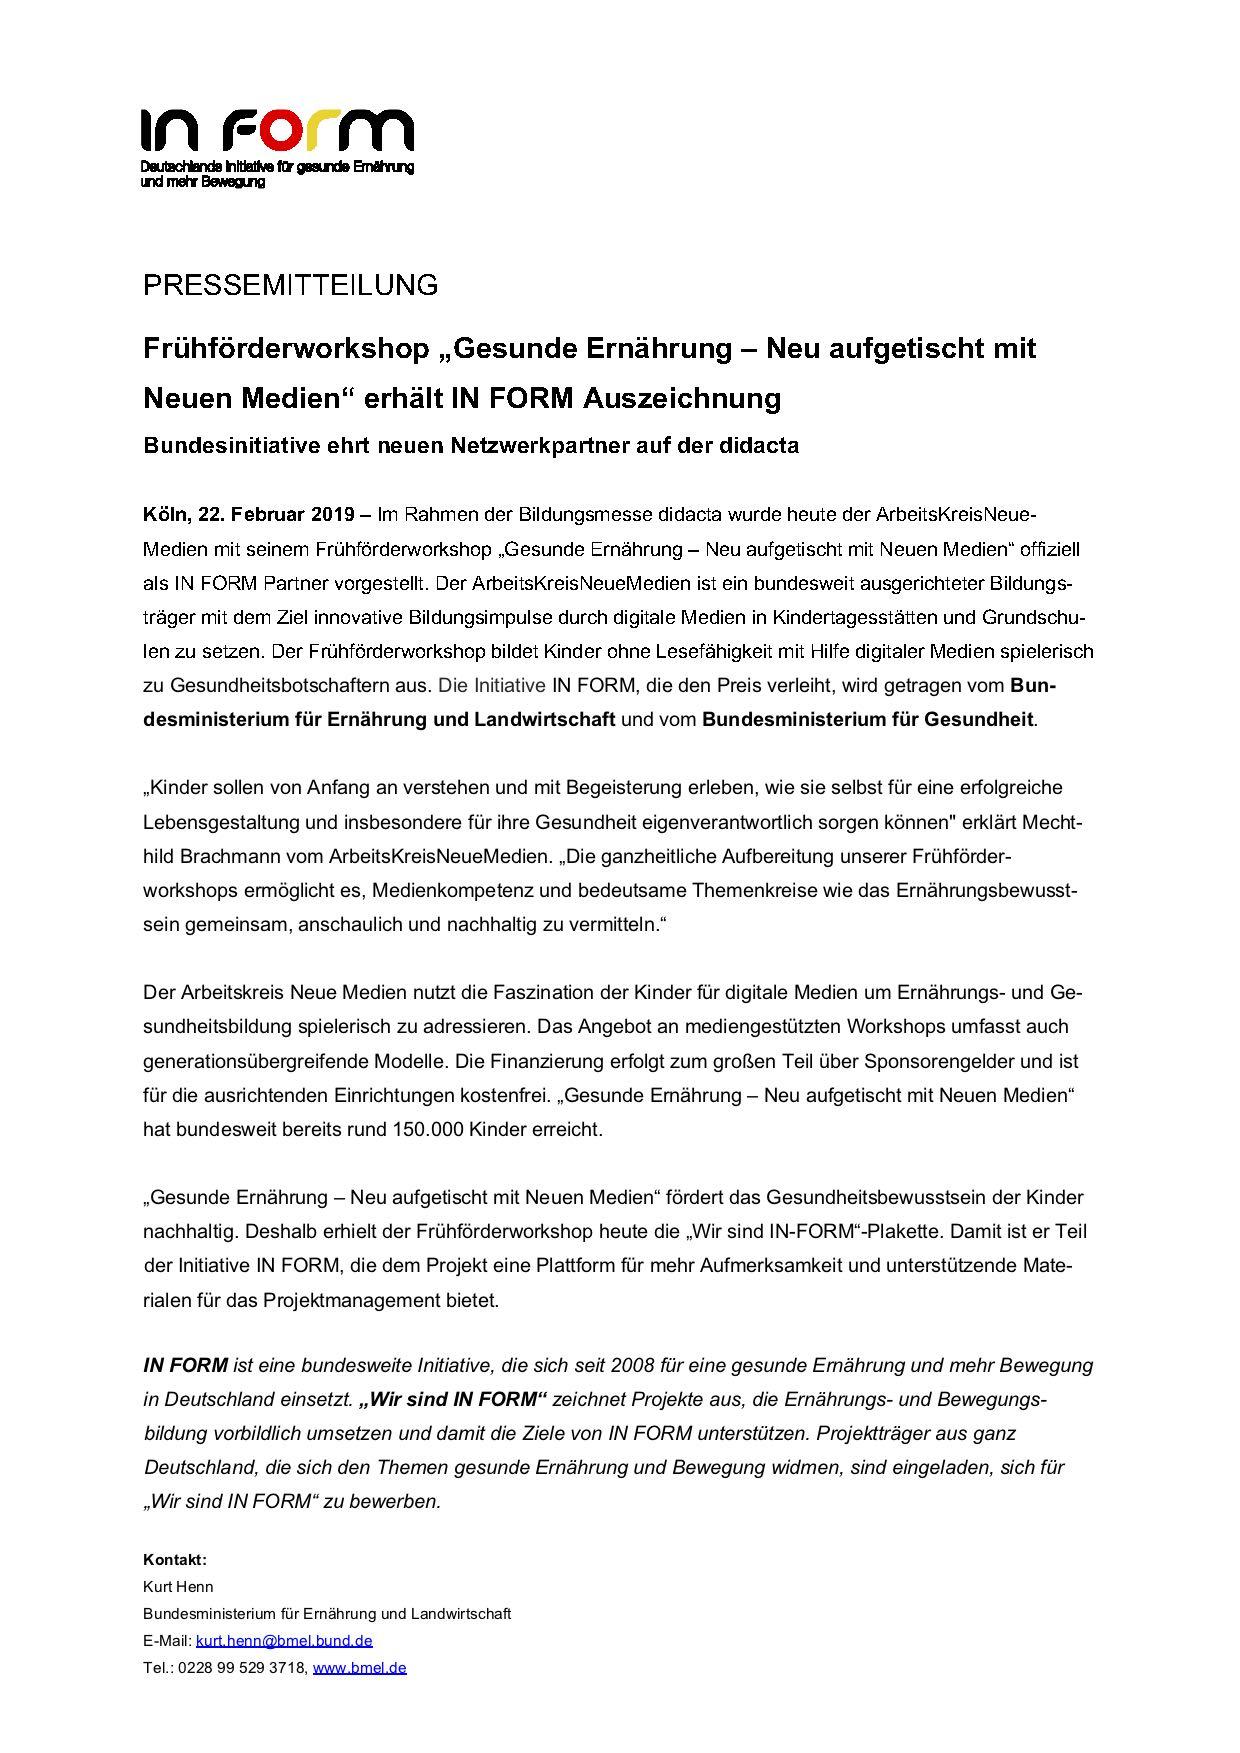 """2019.02.22 - Pressemitteilung IN FORM - Frühförderworkshop """"Gesunde Ernährung"""" erhält """"IN FORM""""-Auszeichnung - Köln"""